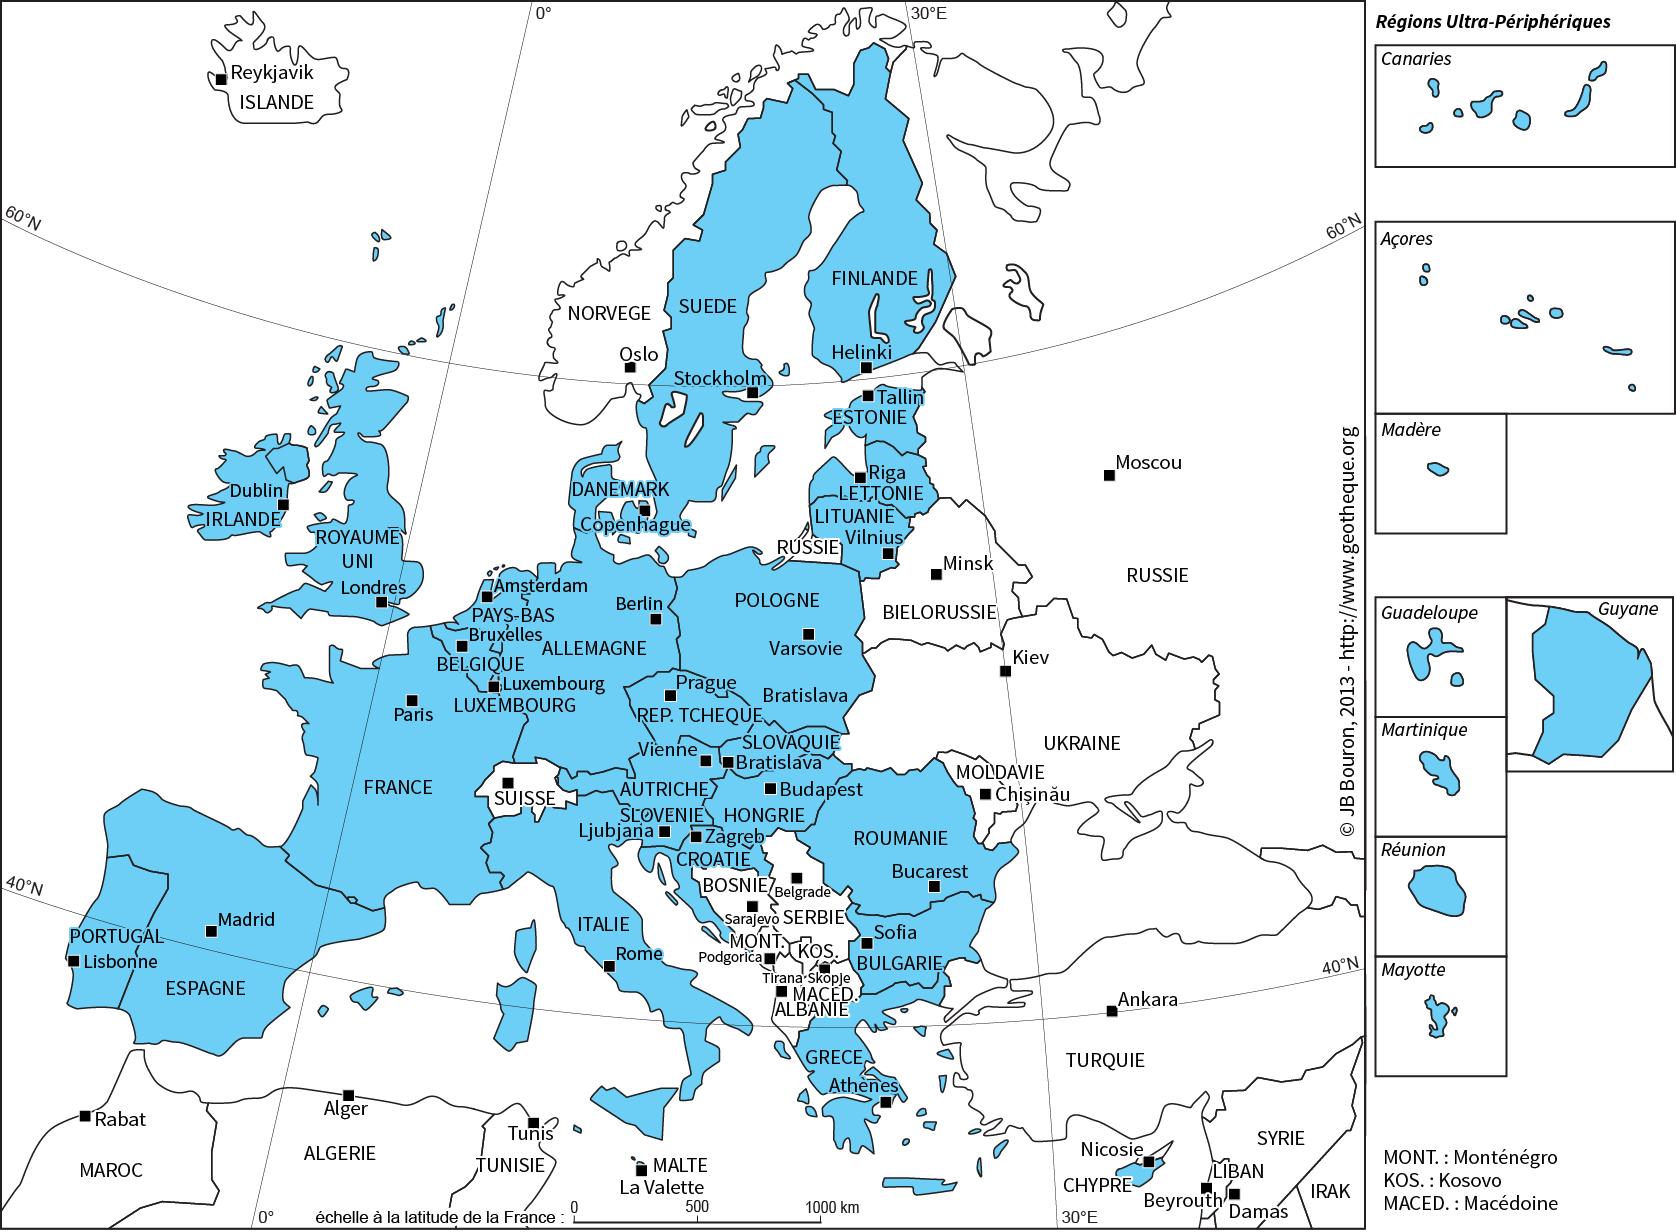 Les Pays De L'union Avec Leur Capitale intérieur Europe Carte Capitale